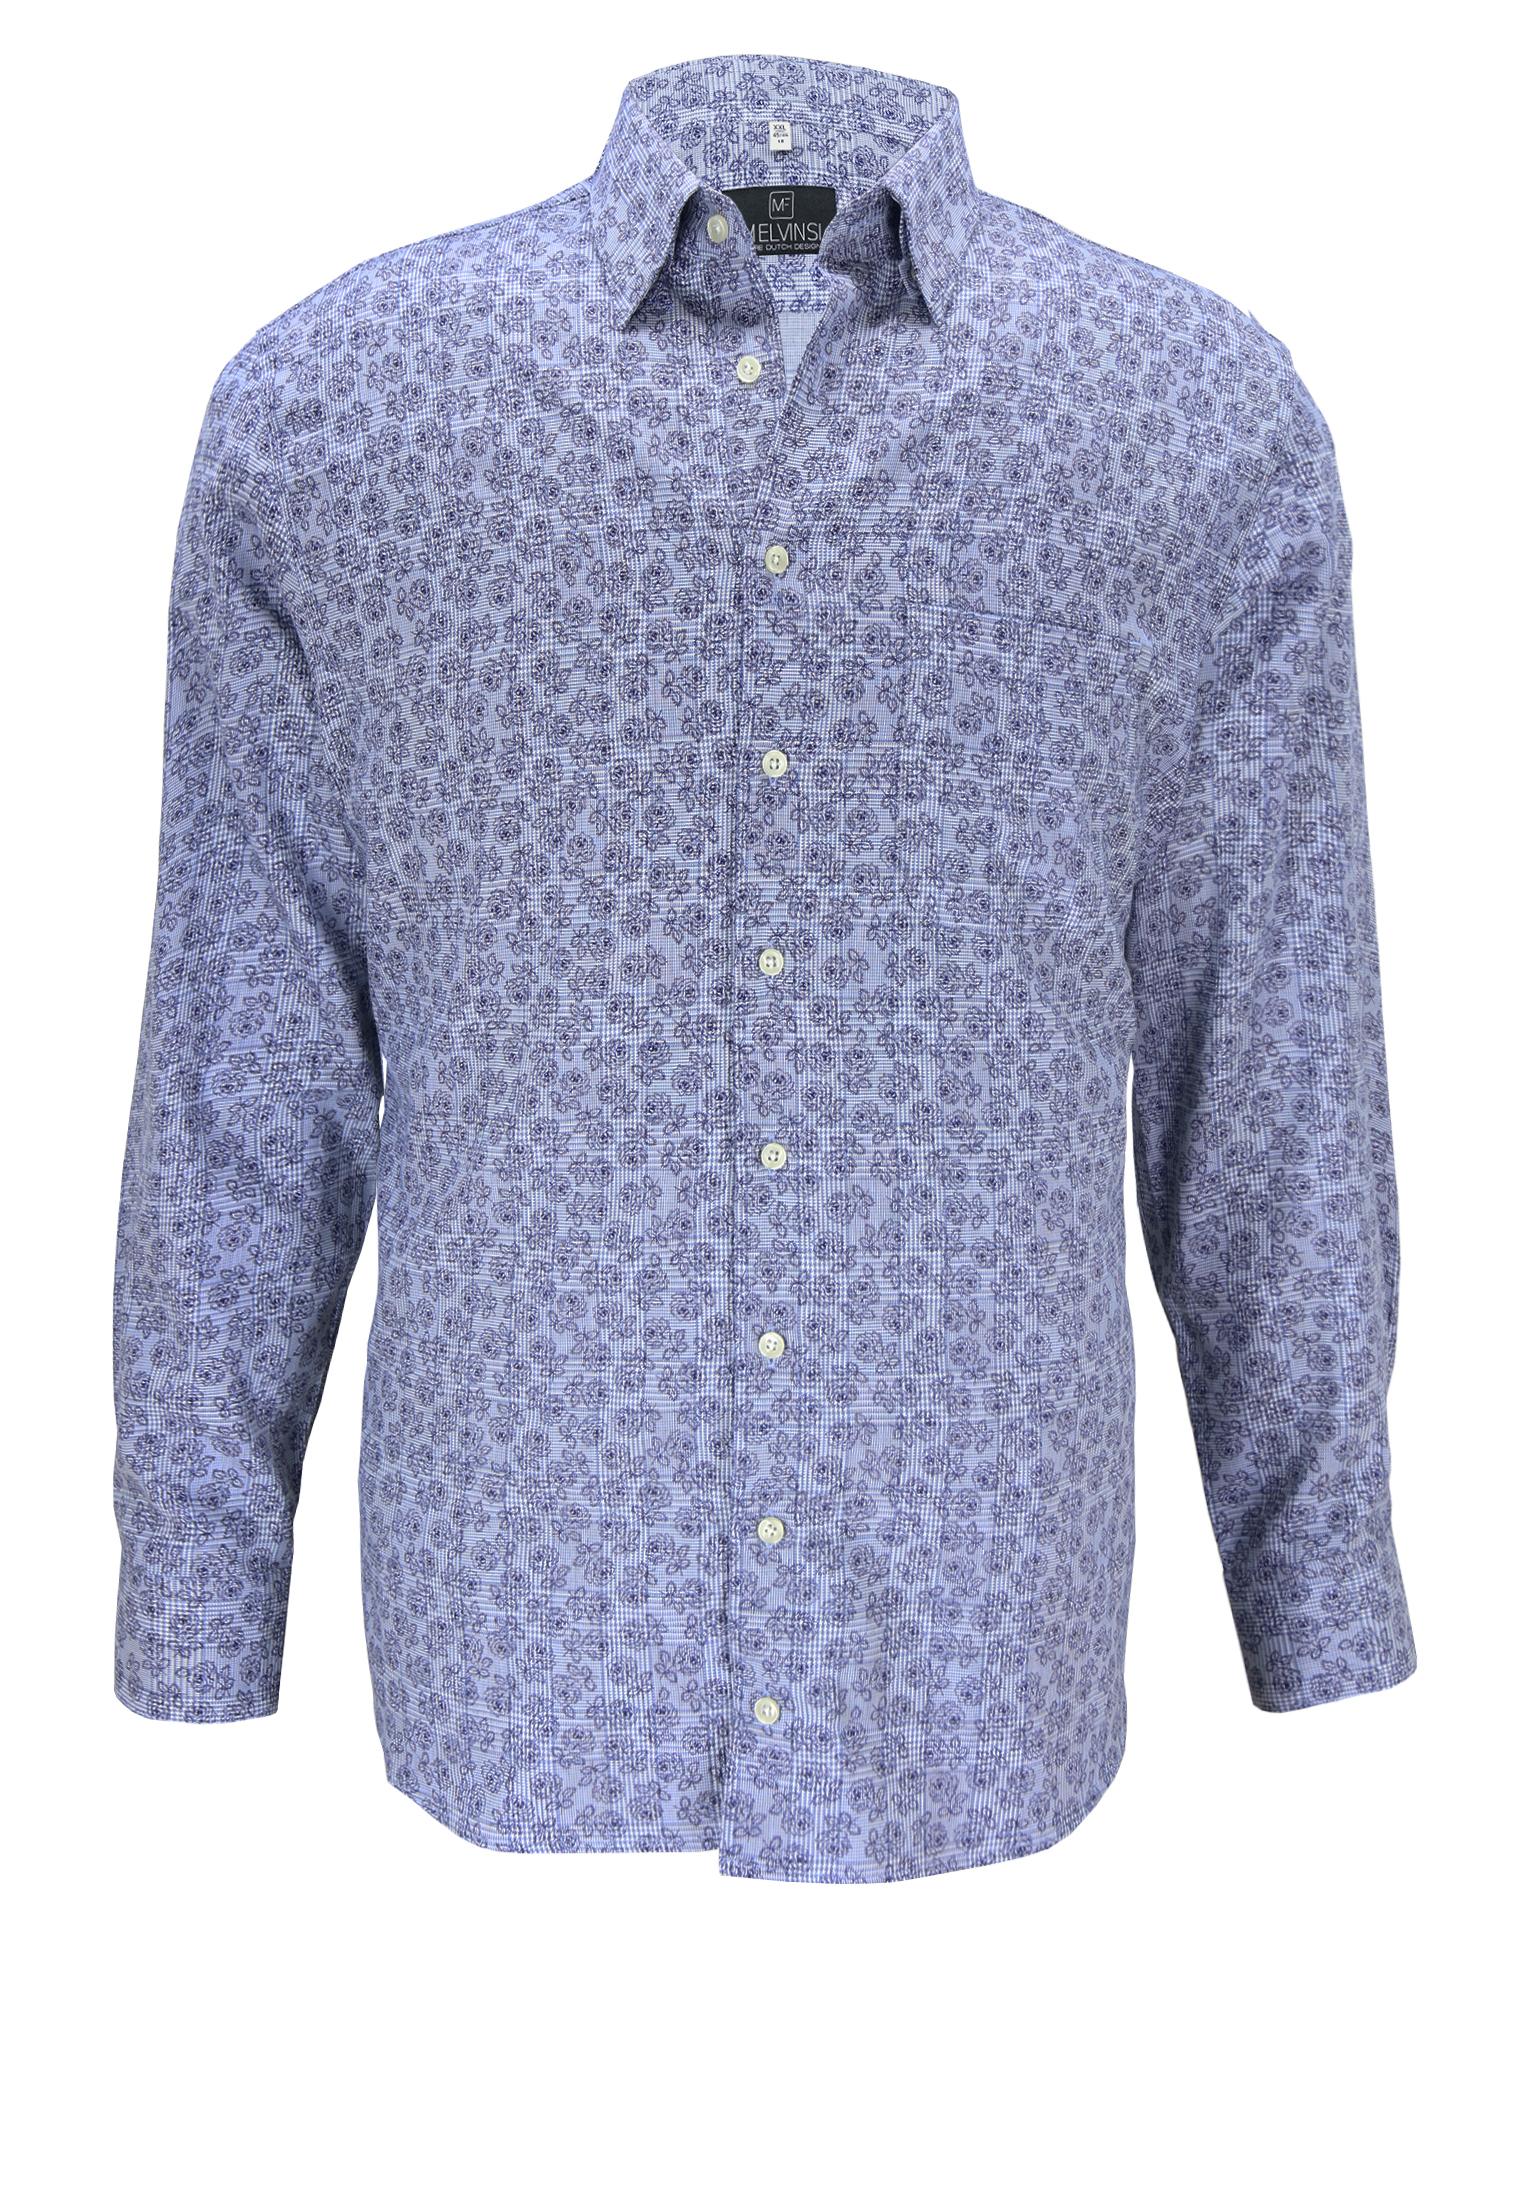 Grote maten herenoverhemd met lange mouwen van Melvinsi met bloemen print. Het overhemd heeft een button under kraag, dubbele knoopsluiting aan de manchetten en een open borstzakje op de linker borst. Het overhemd is rond afgezoomd. Erg leuk overhemd om casual te dragen.